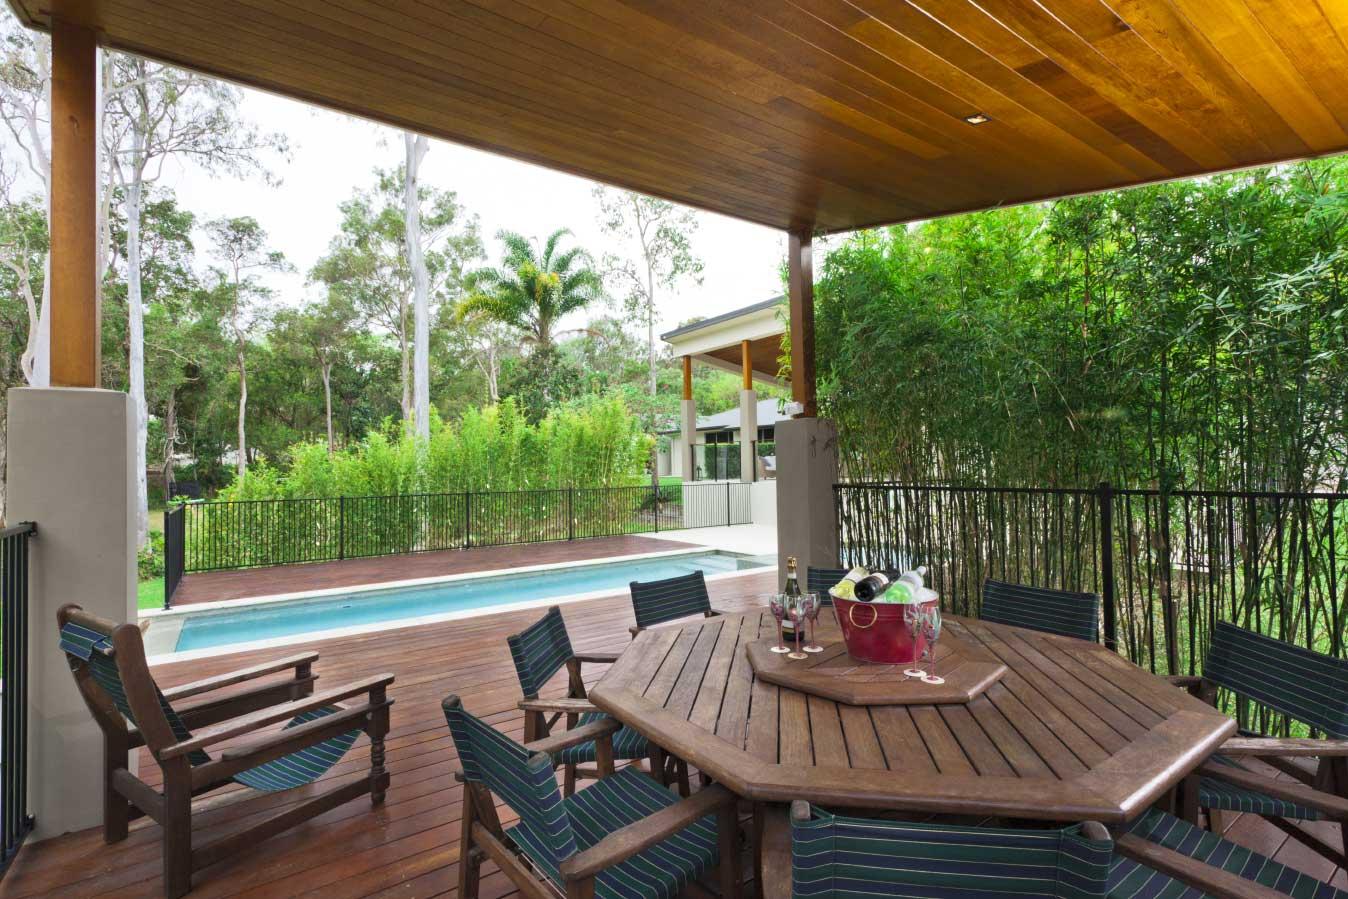 Deck build around above ground pool Logan Village QLD